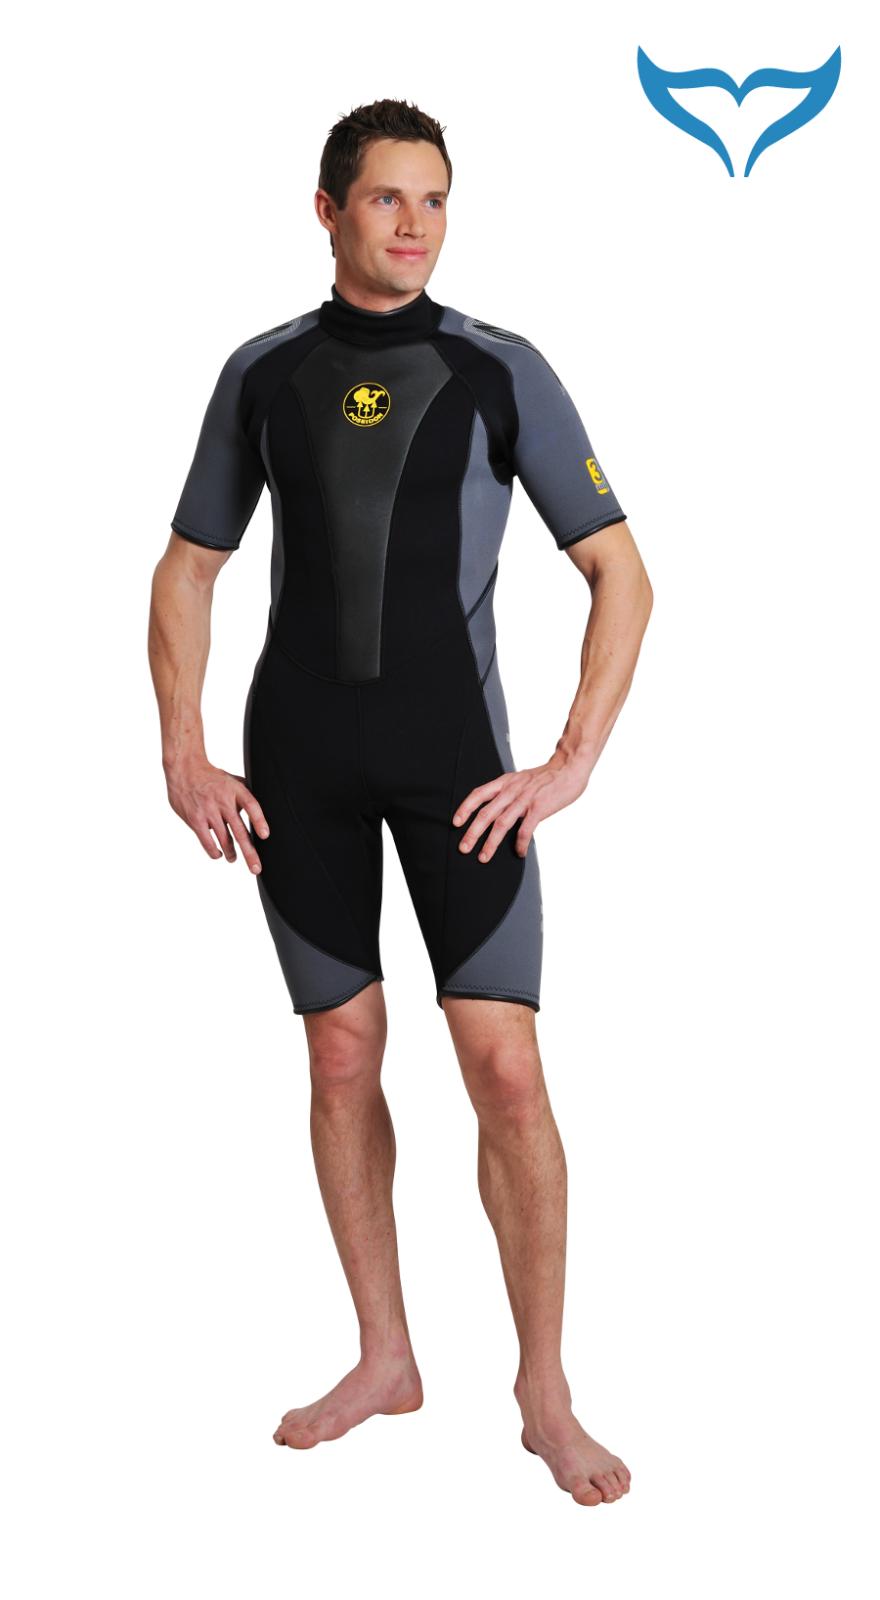 Poseidon Wetsuit Wetsuit Wetsuit Journey Shorty XS S 2XL 3XL 3mm schwarz grau Neopren male Herre    Luxus  a1e611